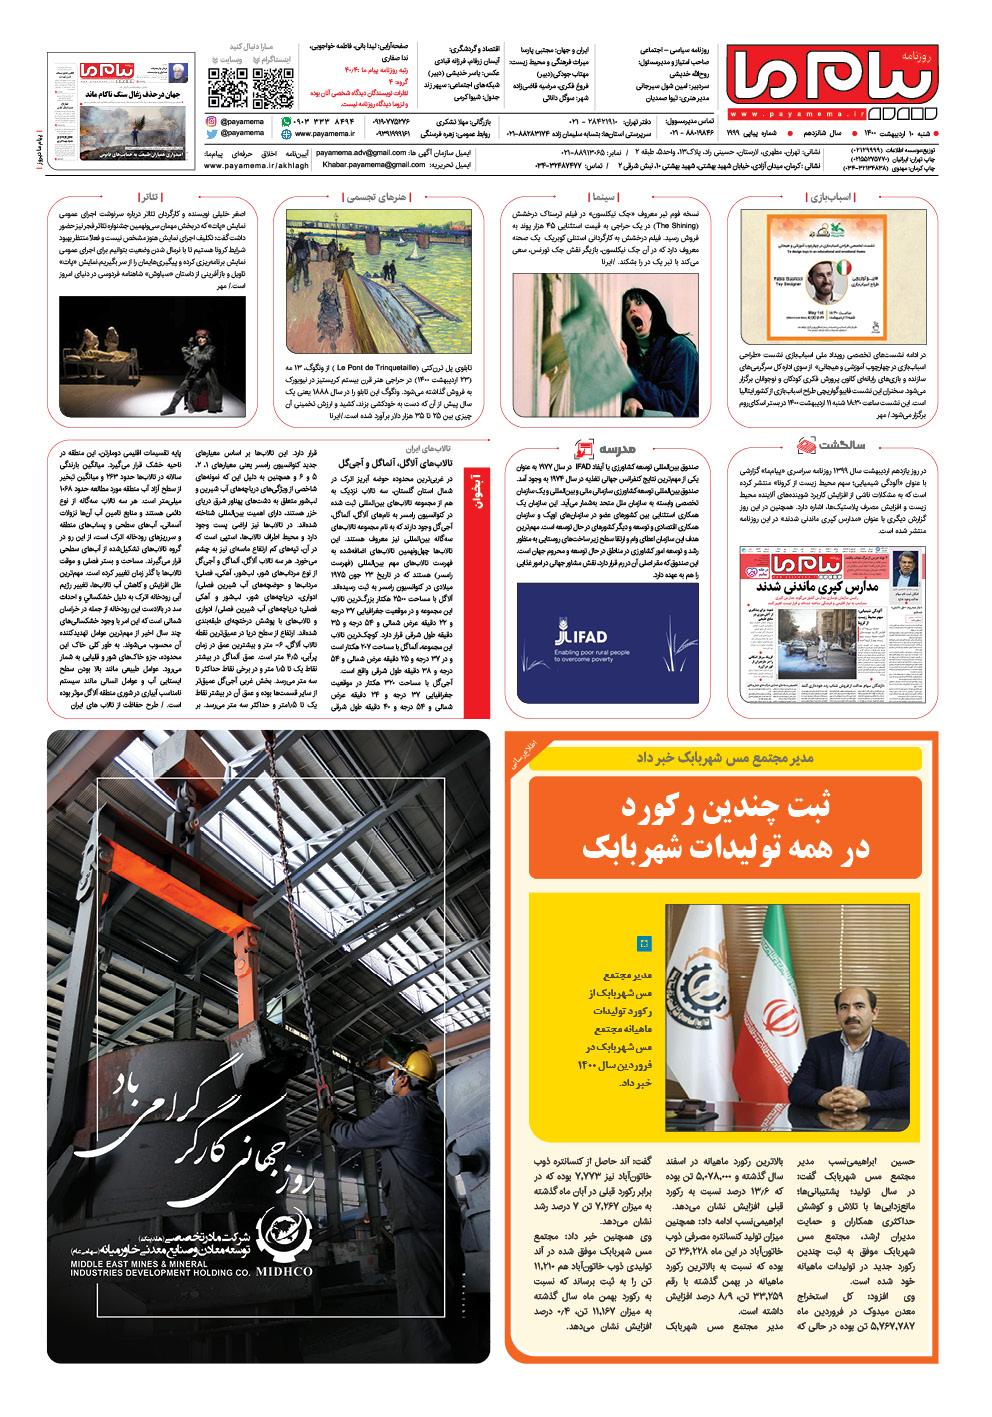 صفحه آخر شماره ۱۹۹۹ روزنامه پیام ما